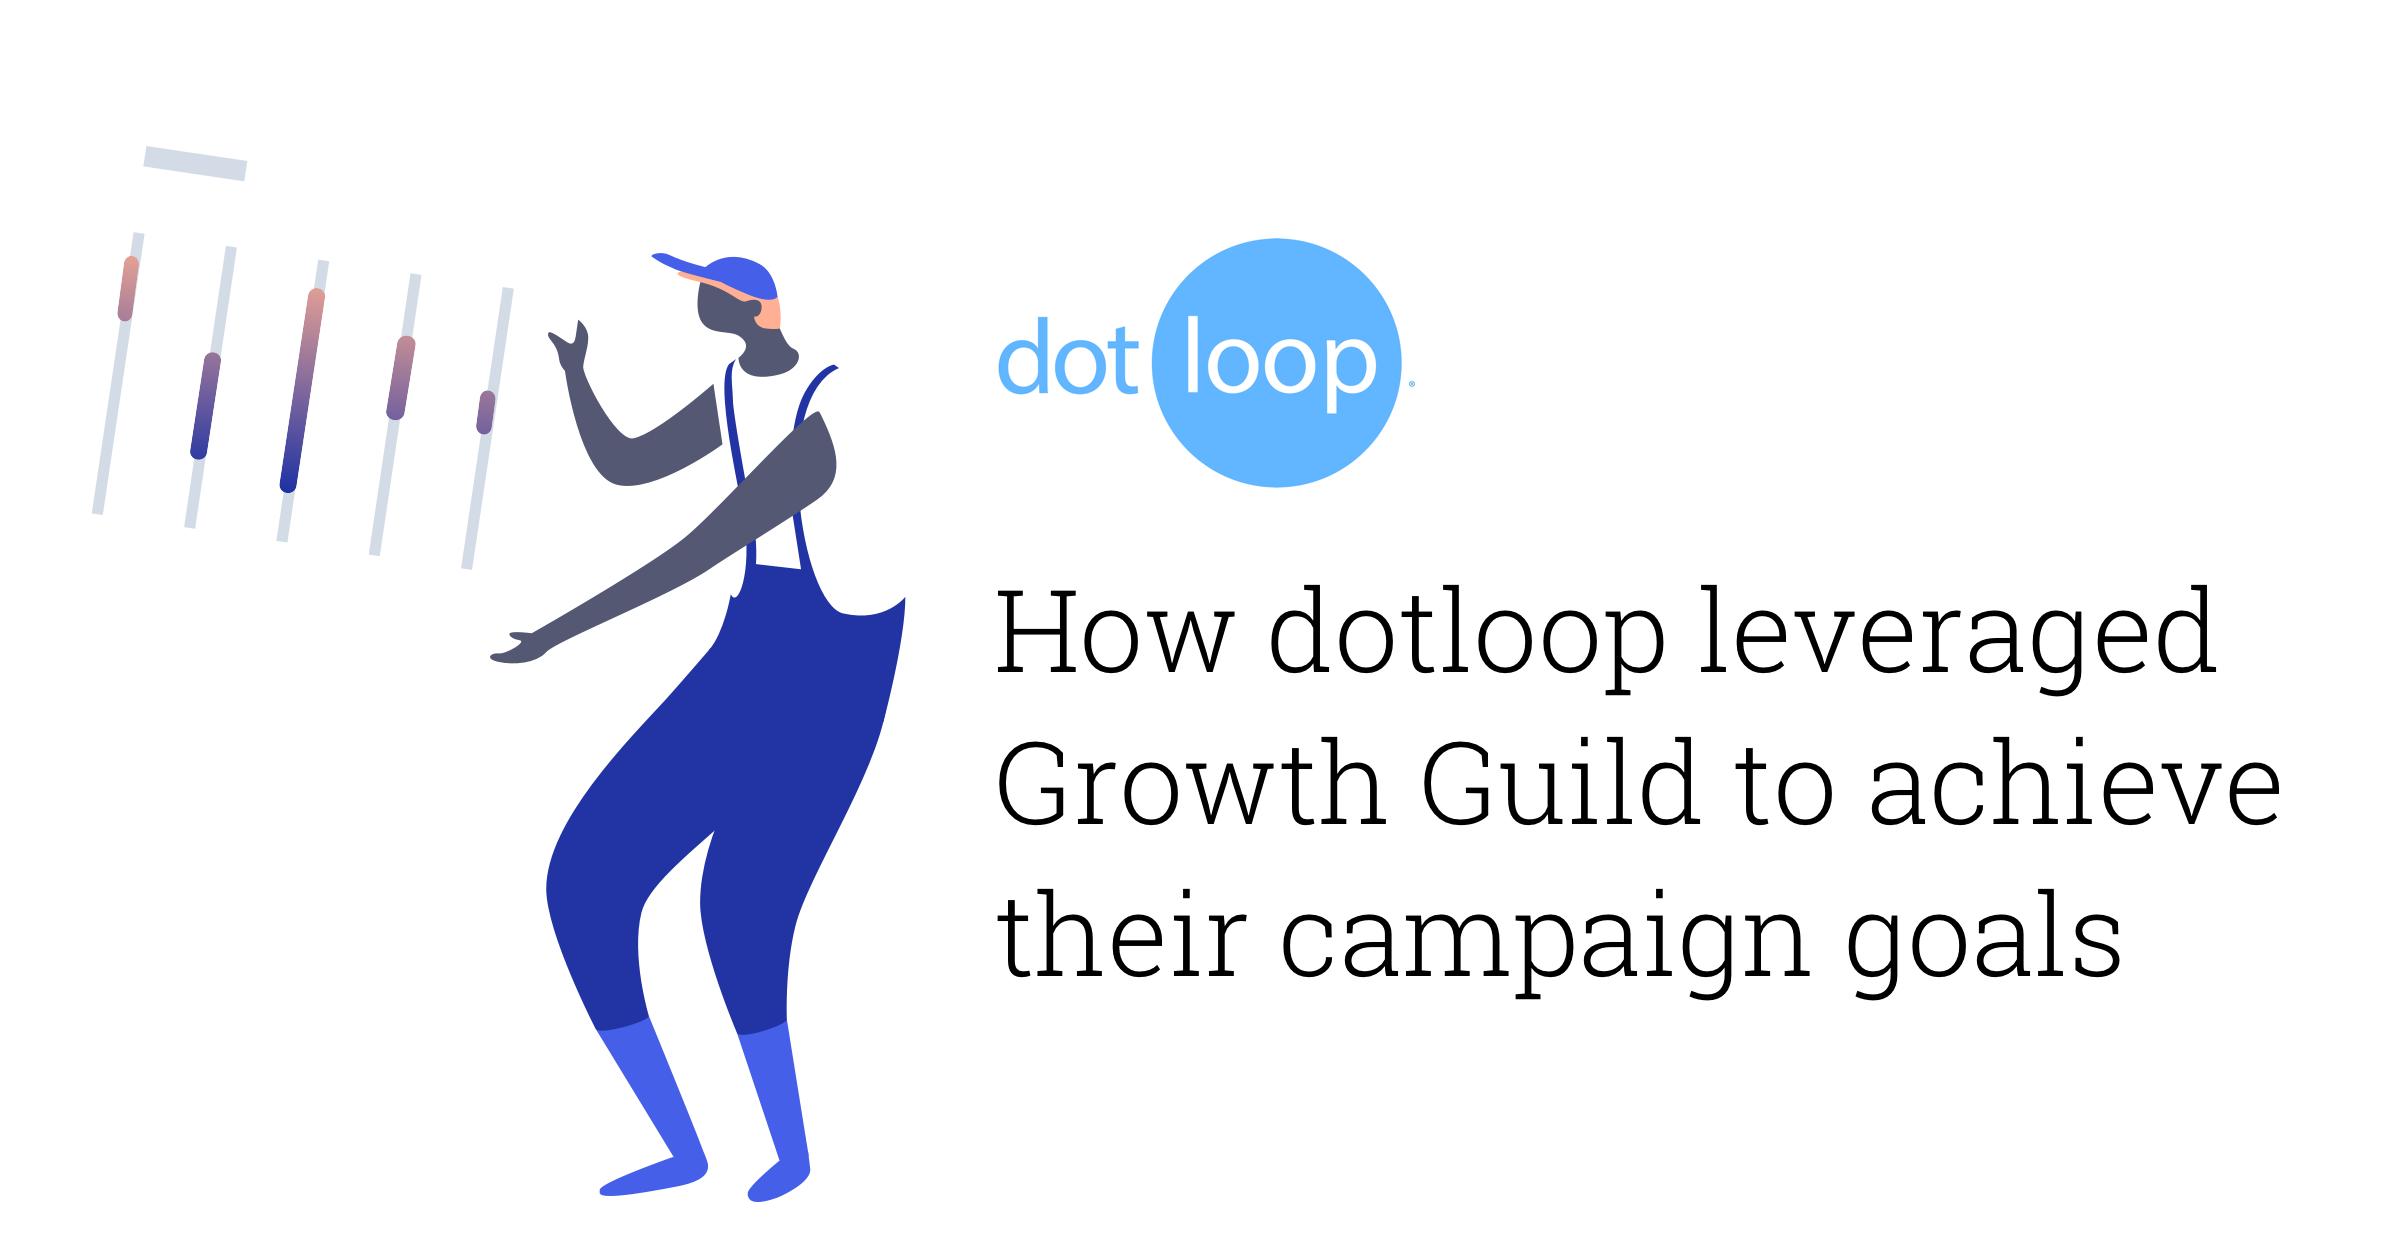 DotloopCaseStudy-Header.png